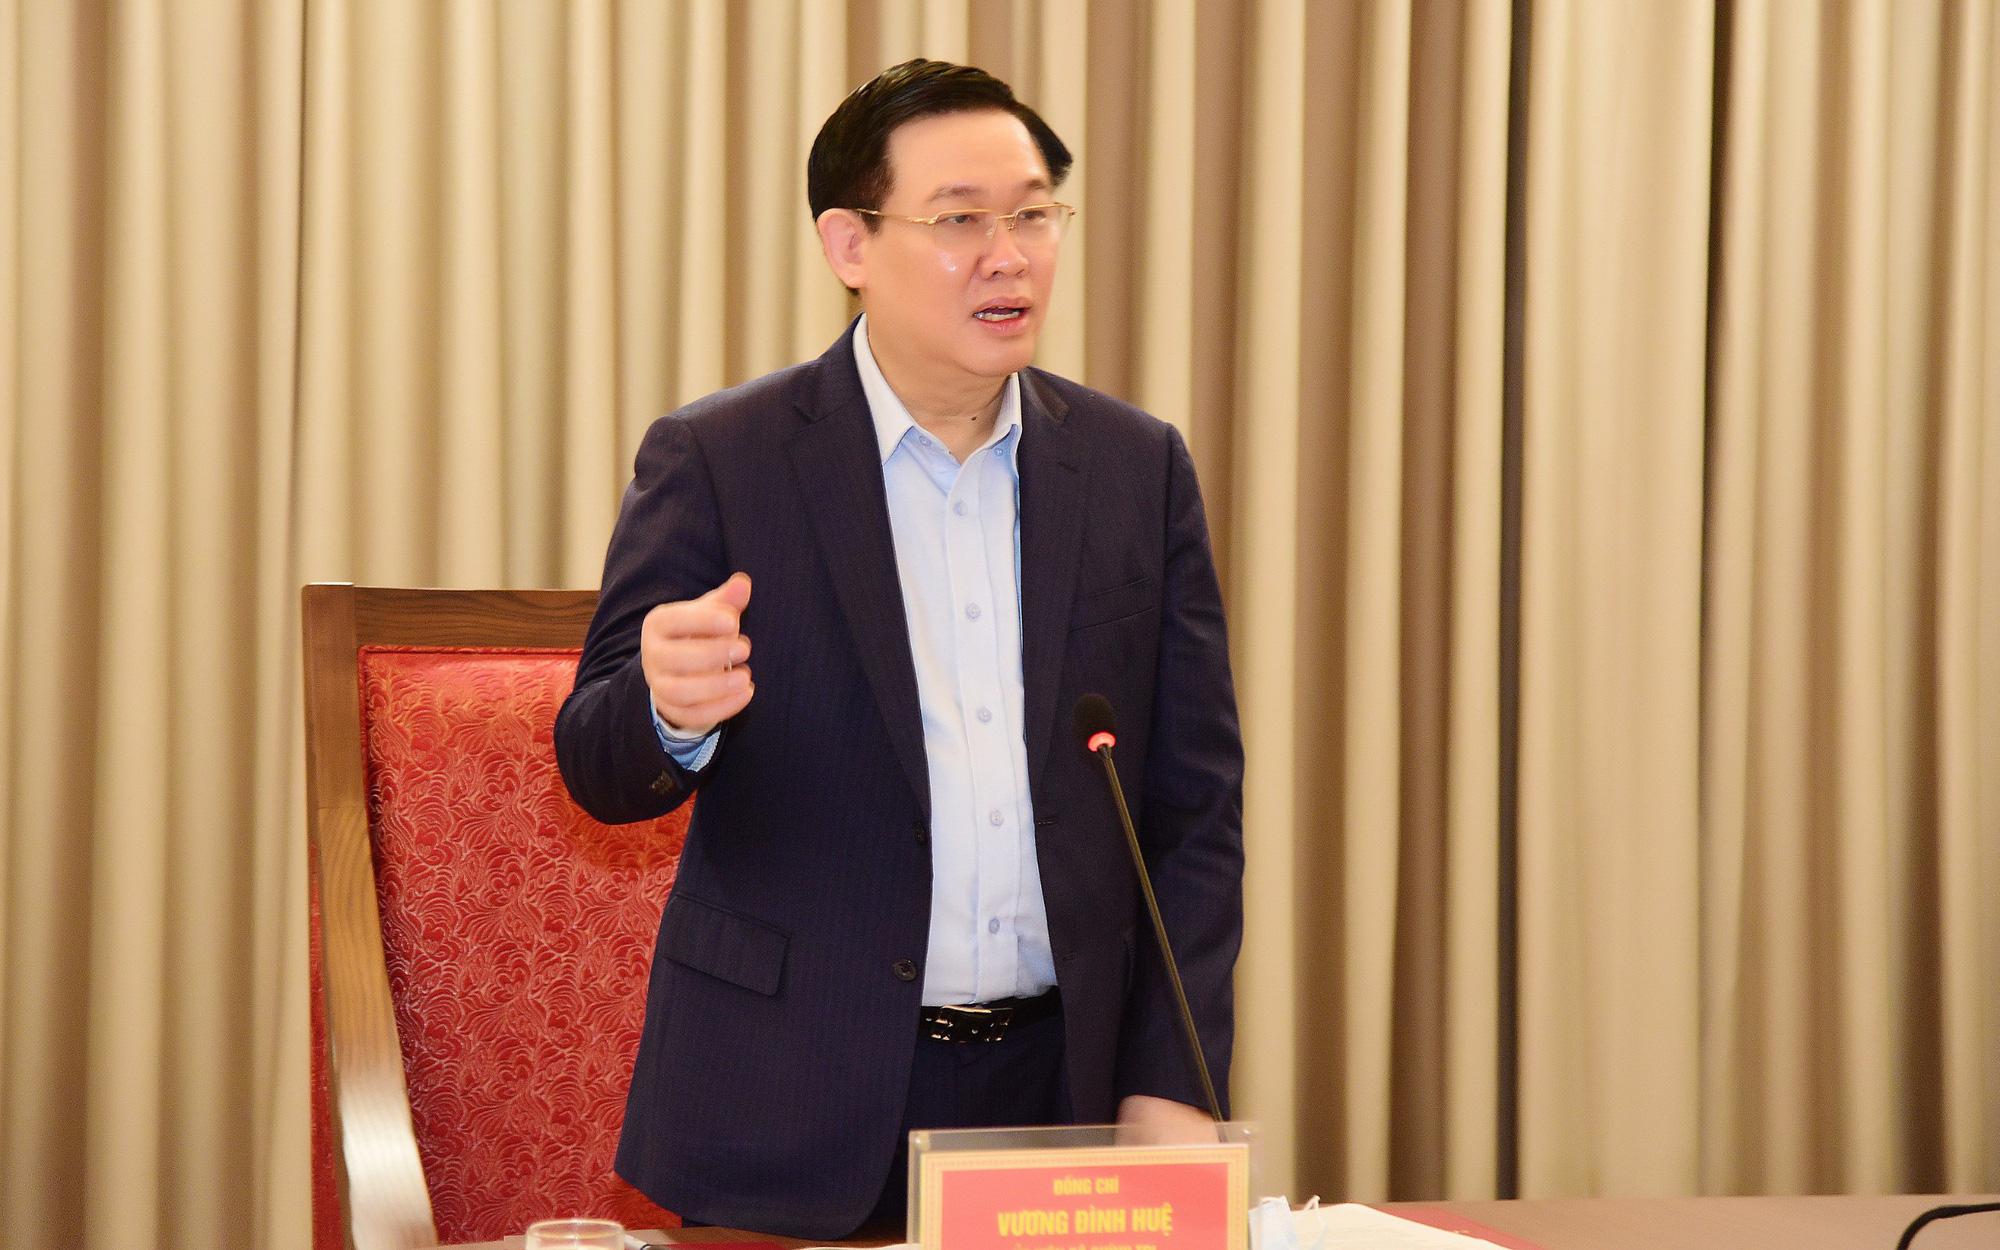 Bí thư Vương Đình Huệ đề nghị thành phố đề xuất với Thủ tướng cho Hà Nội kéo dài giãn cách xã hội đến 30/4 0